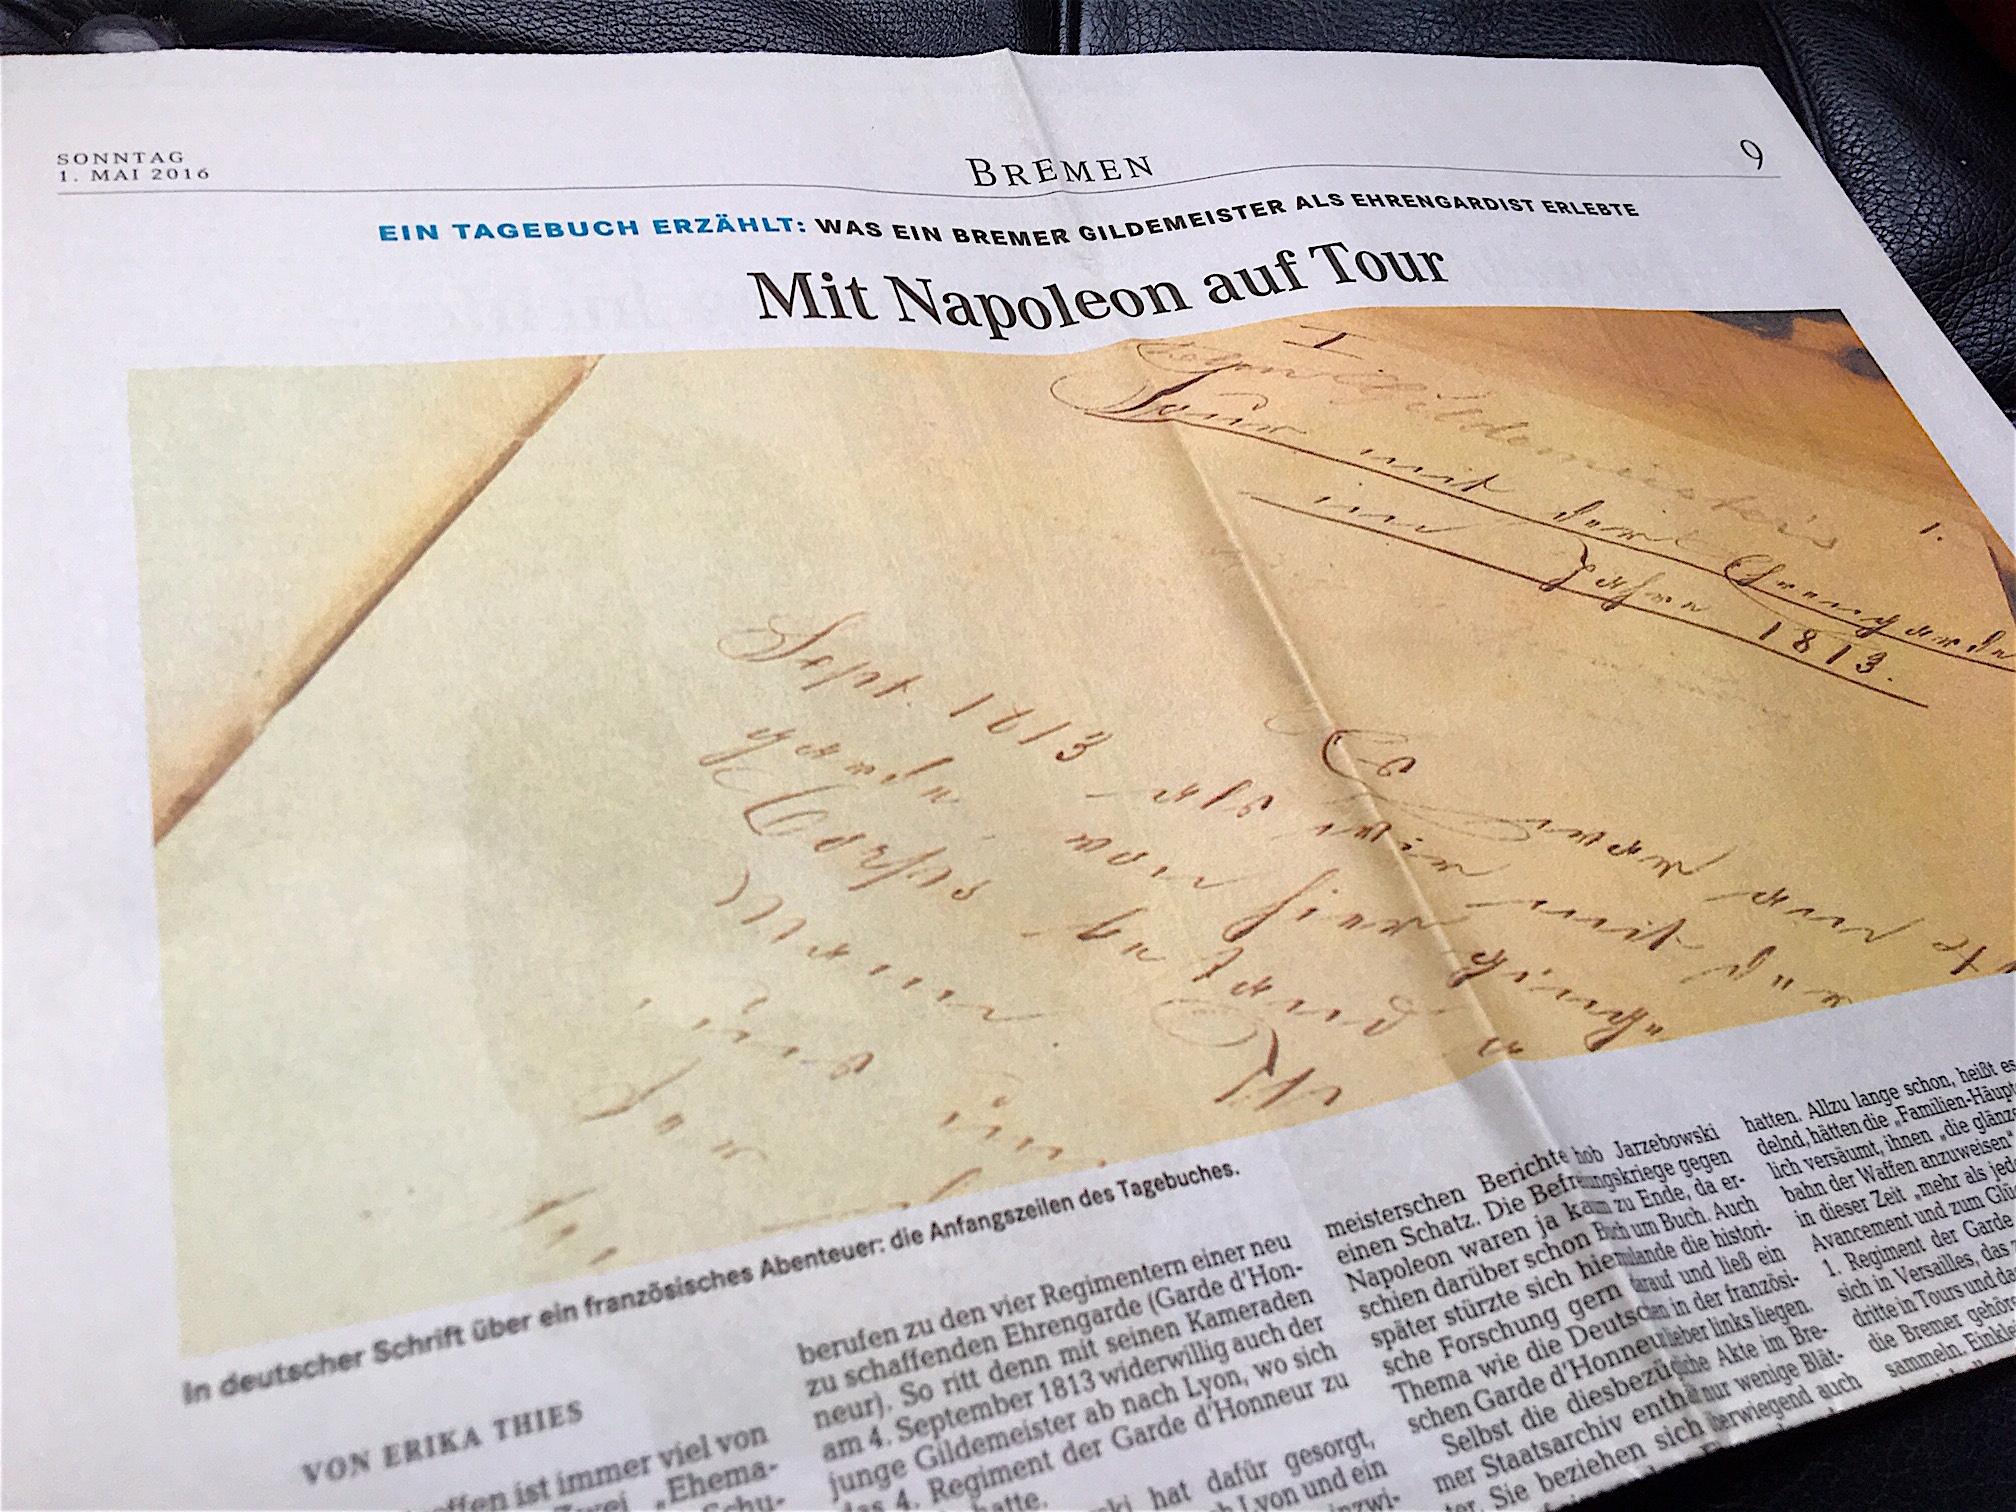 Mit Napoleon auf Tour: Artikel aus dem Weser-Kurier von 2016